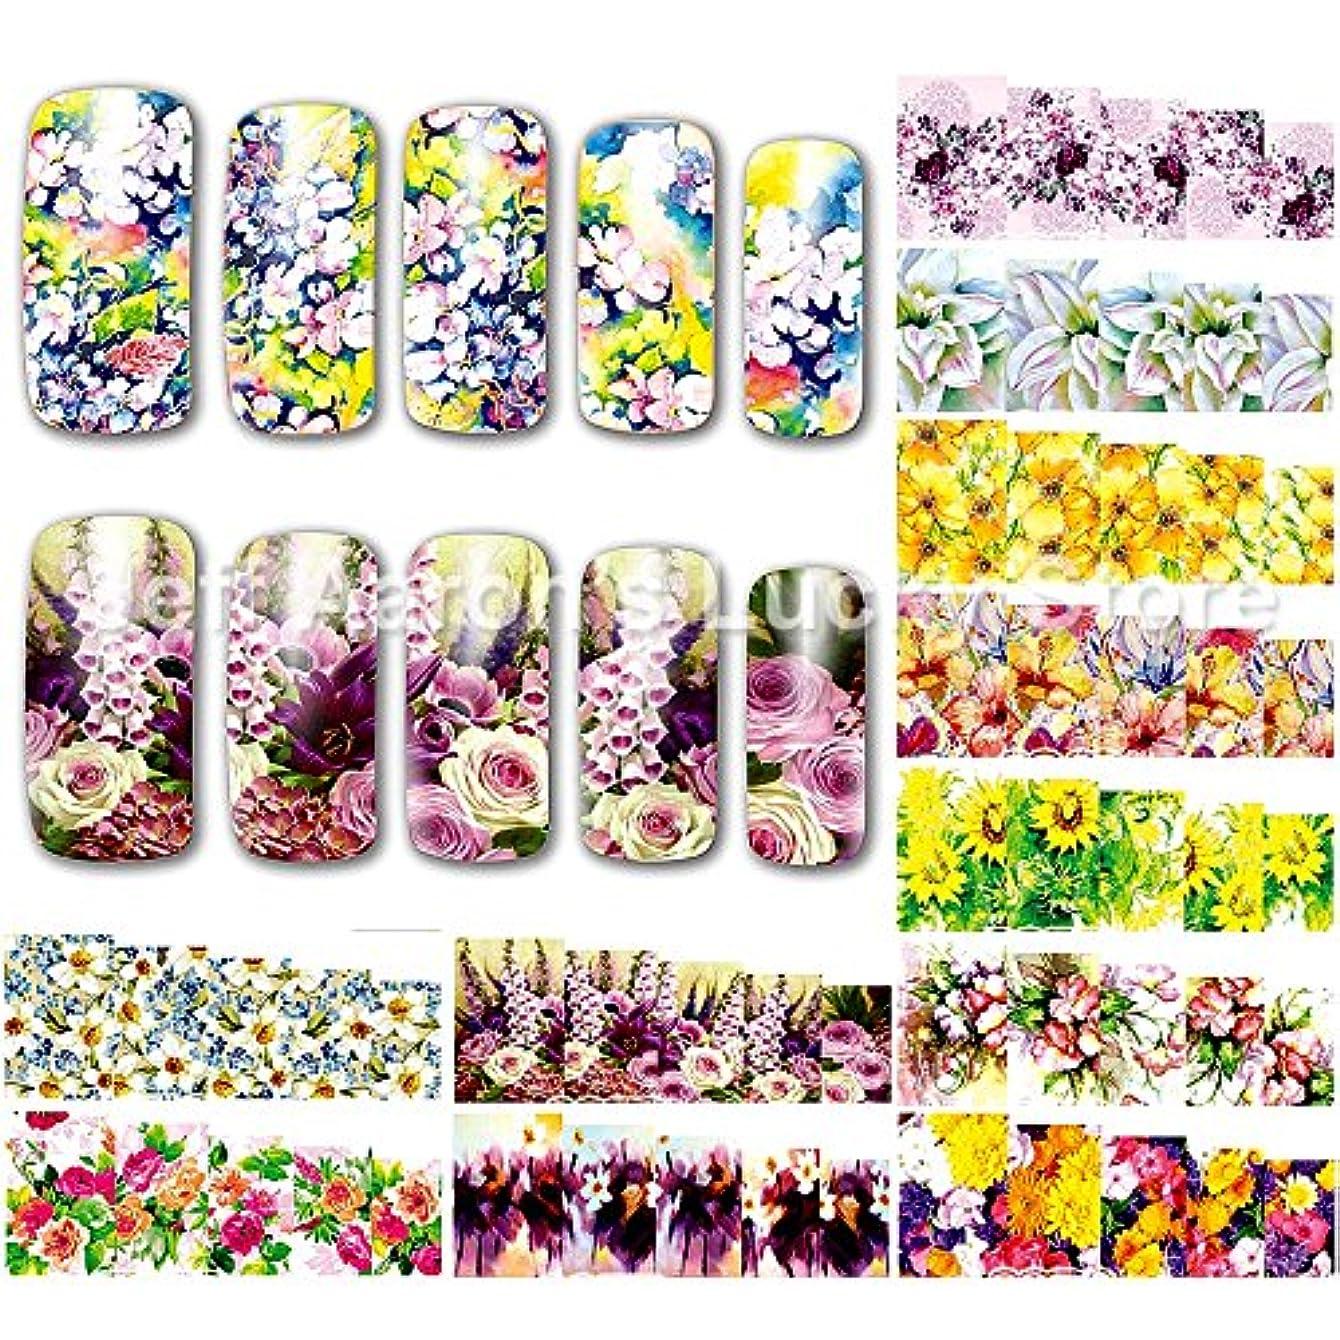 発見説教する無人Ithern(TM)美容水の転送ネイルステッカーネイルアートのヒントデコレーションマニキュア用品ツールの花のデザイン4960用のデカール12枚